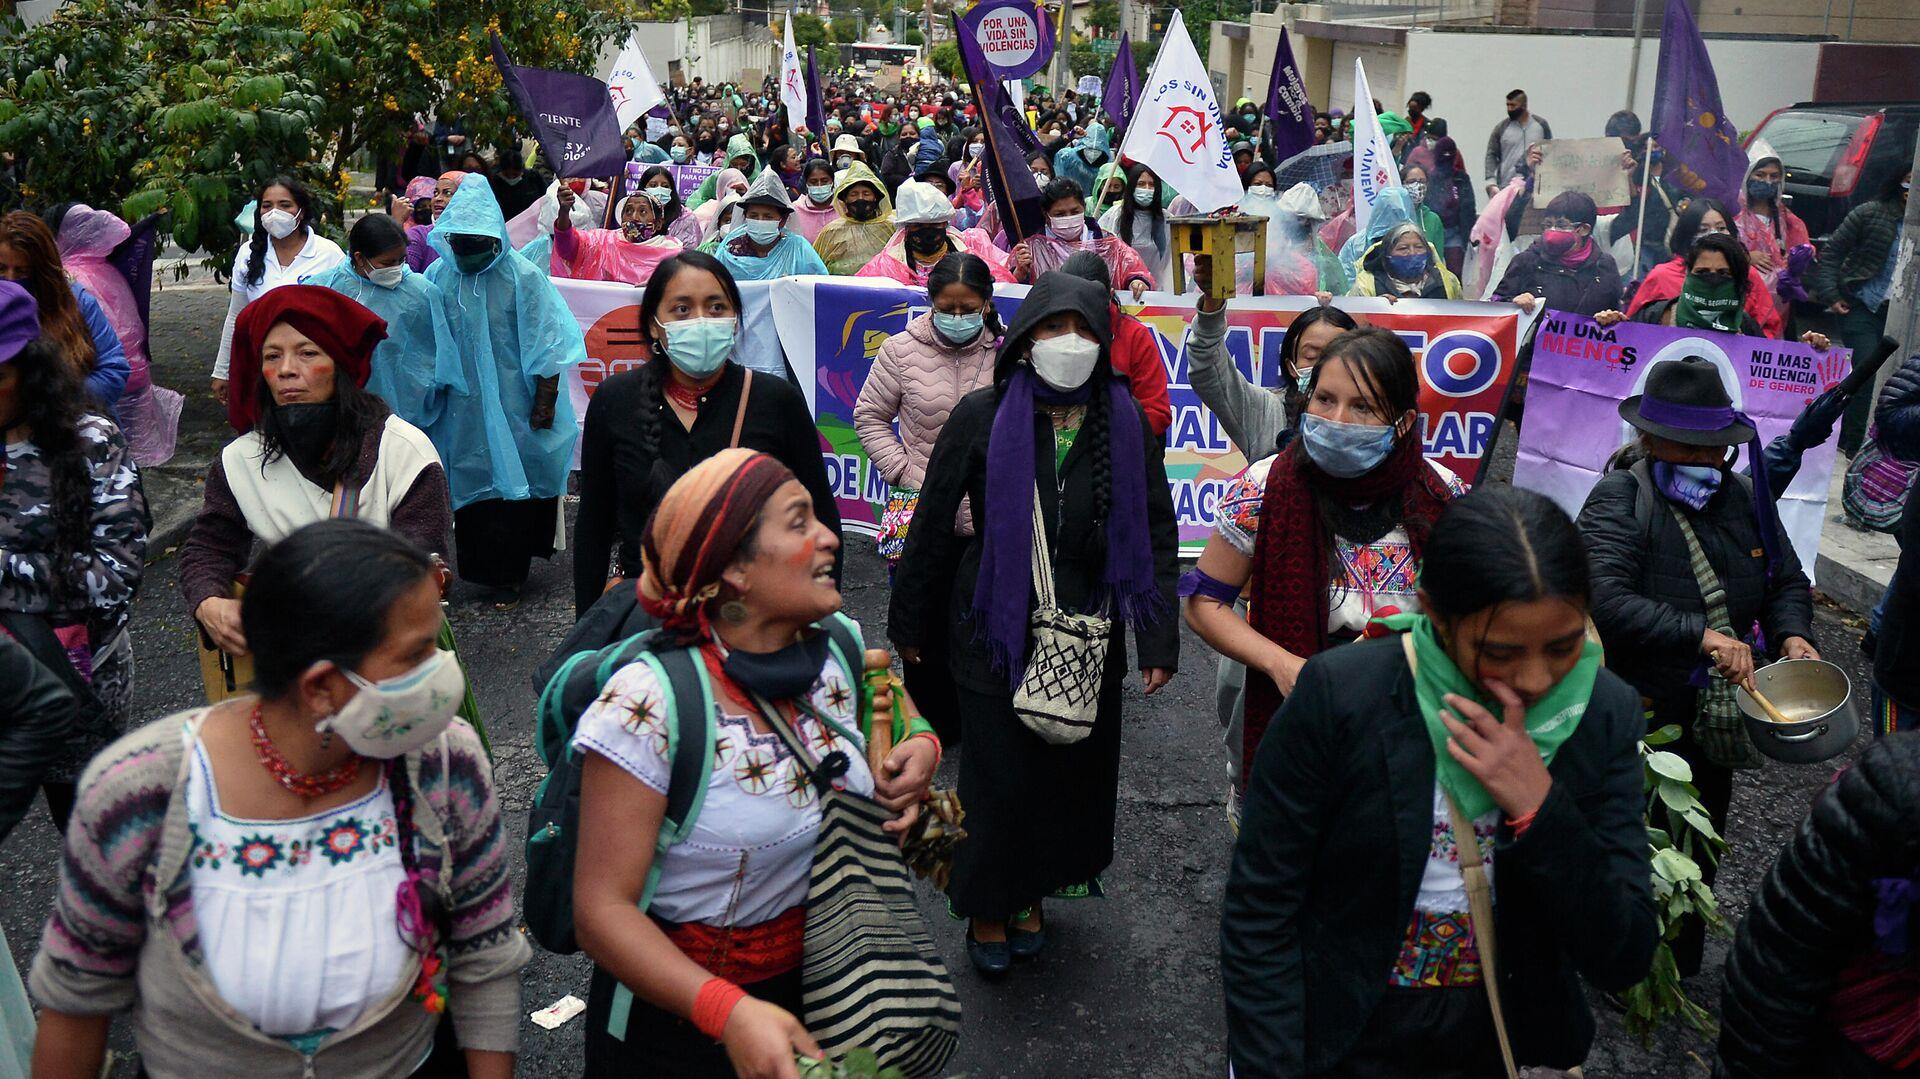 Marcha de mujeres en Quito, Ecuador - Sputnik Mundo, 1920, 09.03.2021